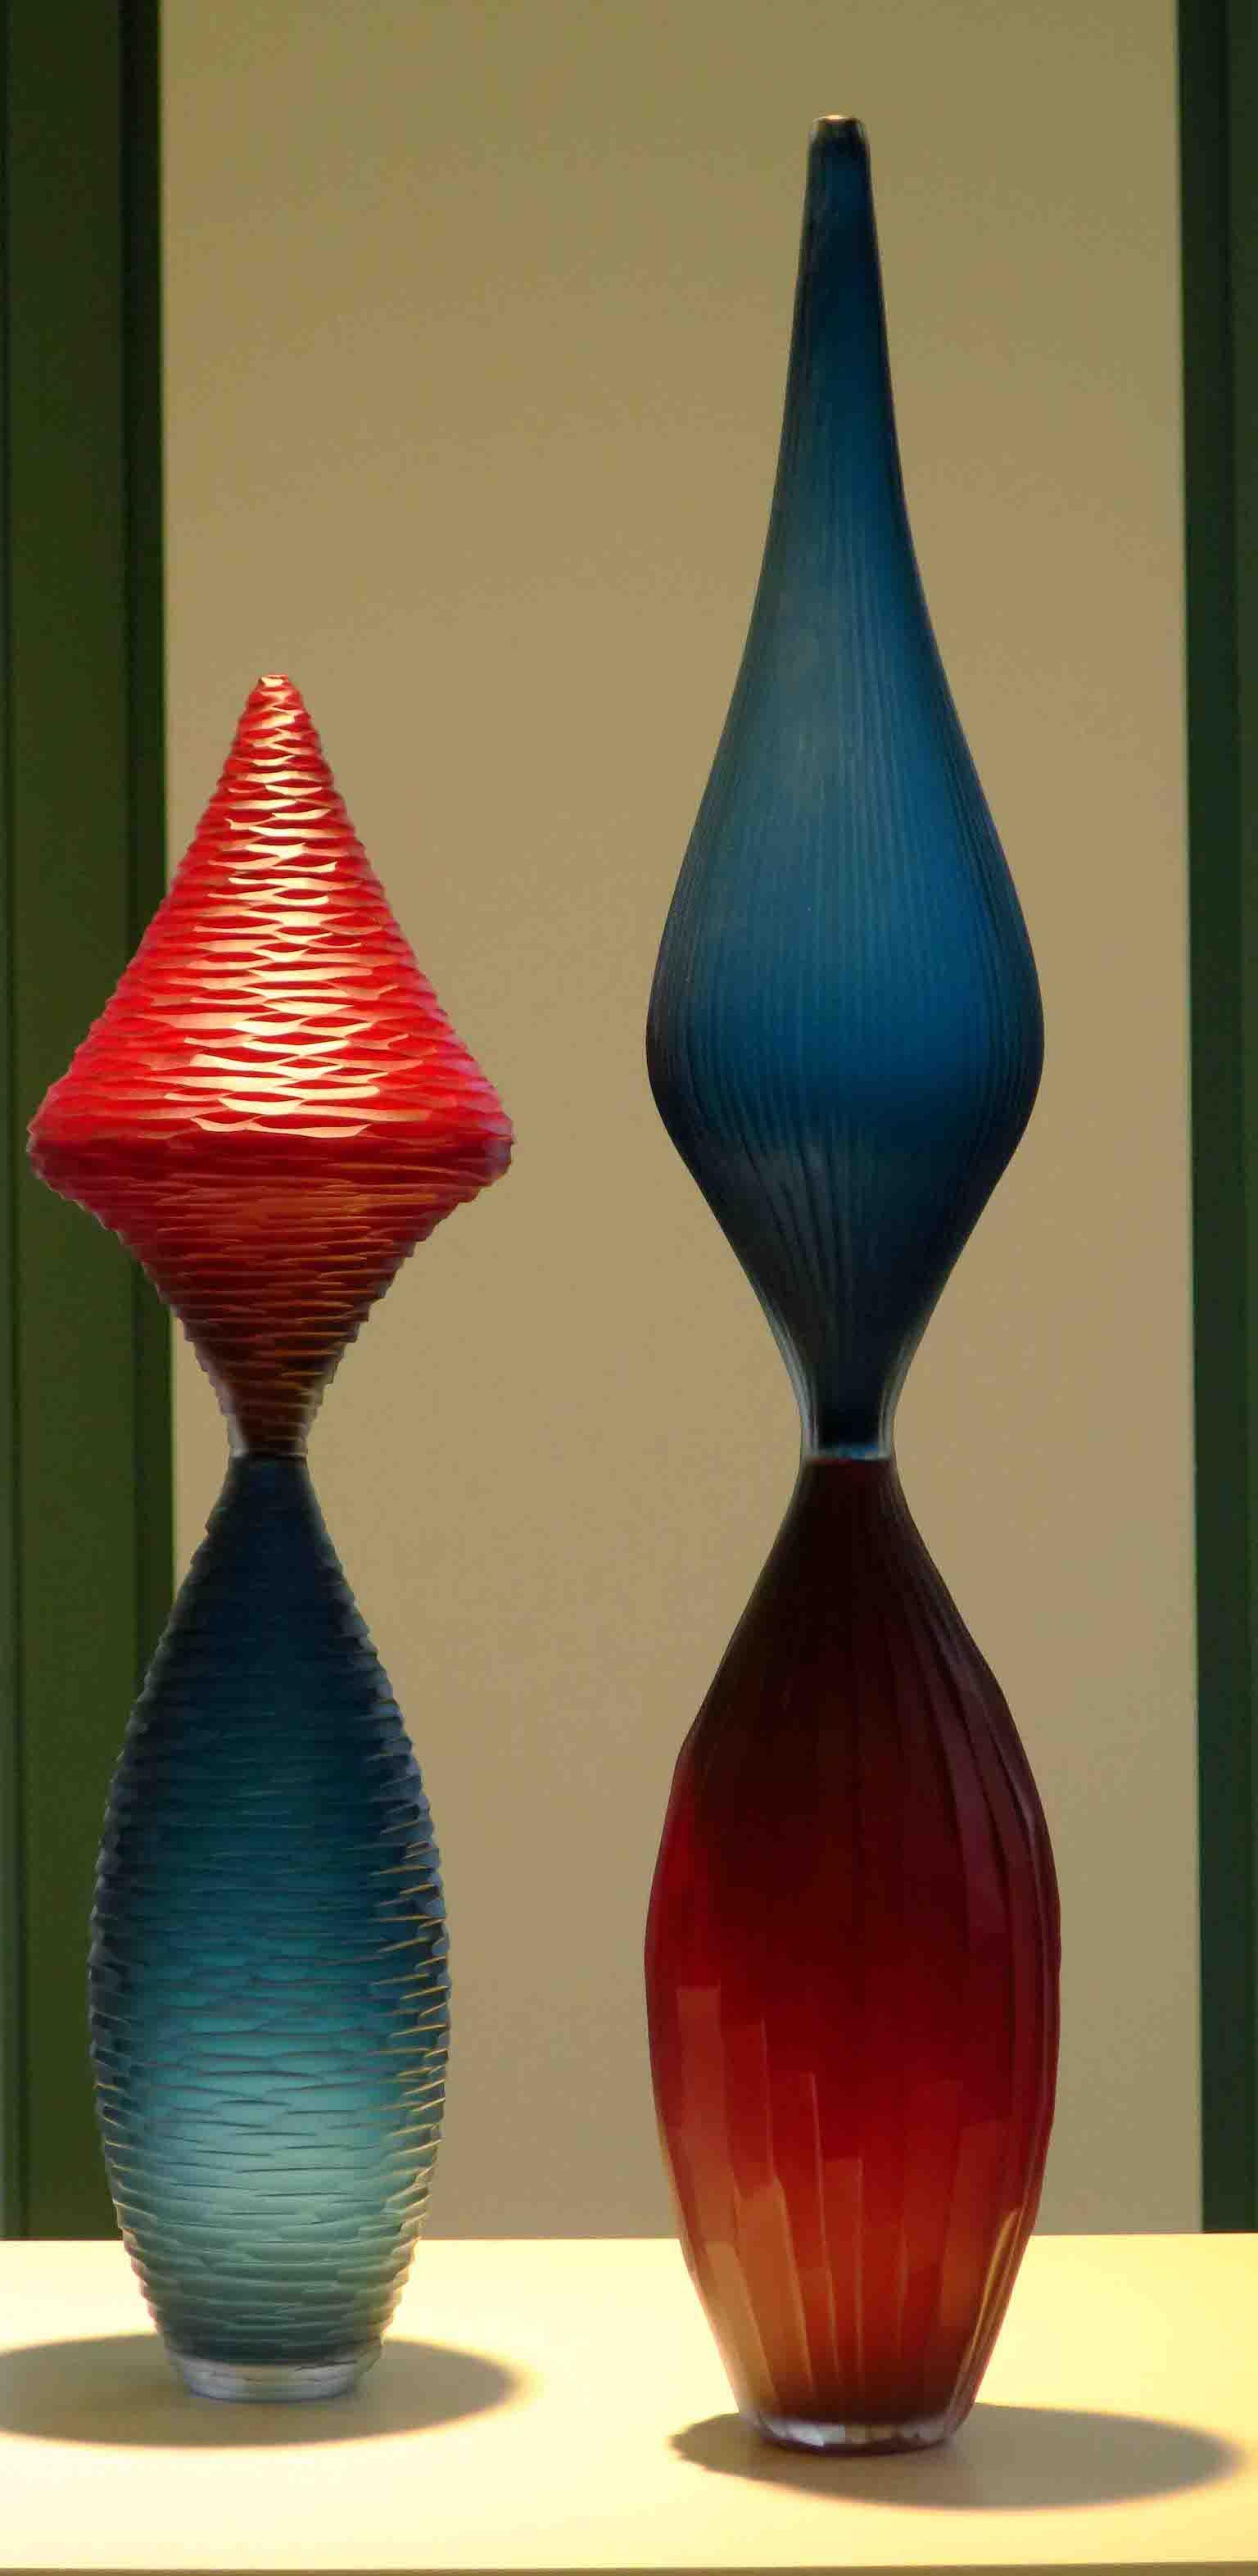 Exquisite glass art in Hasselt: Monica Guggisberg and Philip Baldwin have an exhibition in Schiepers Gallery